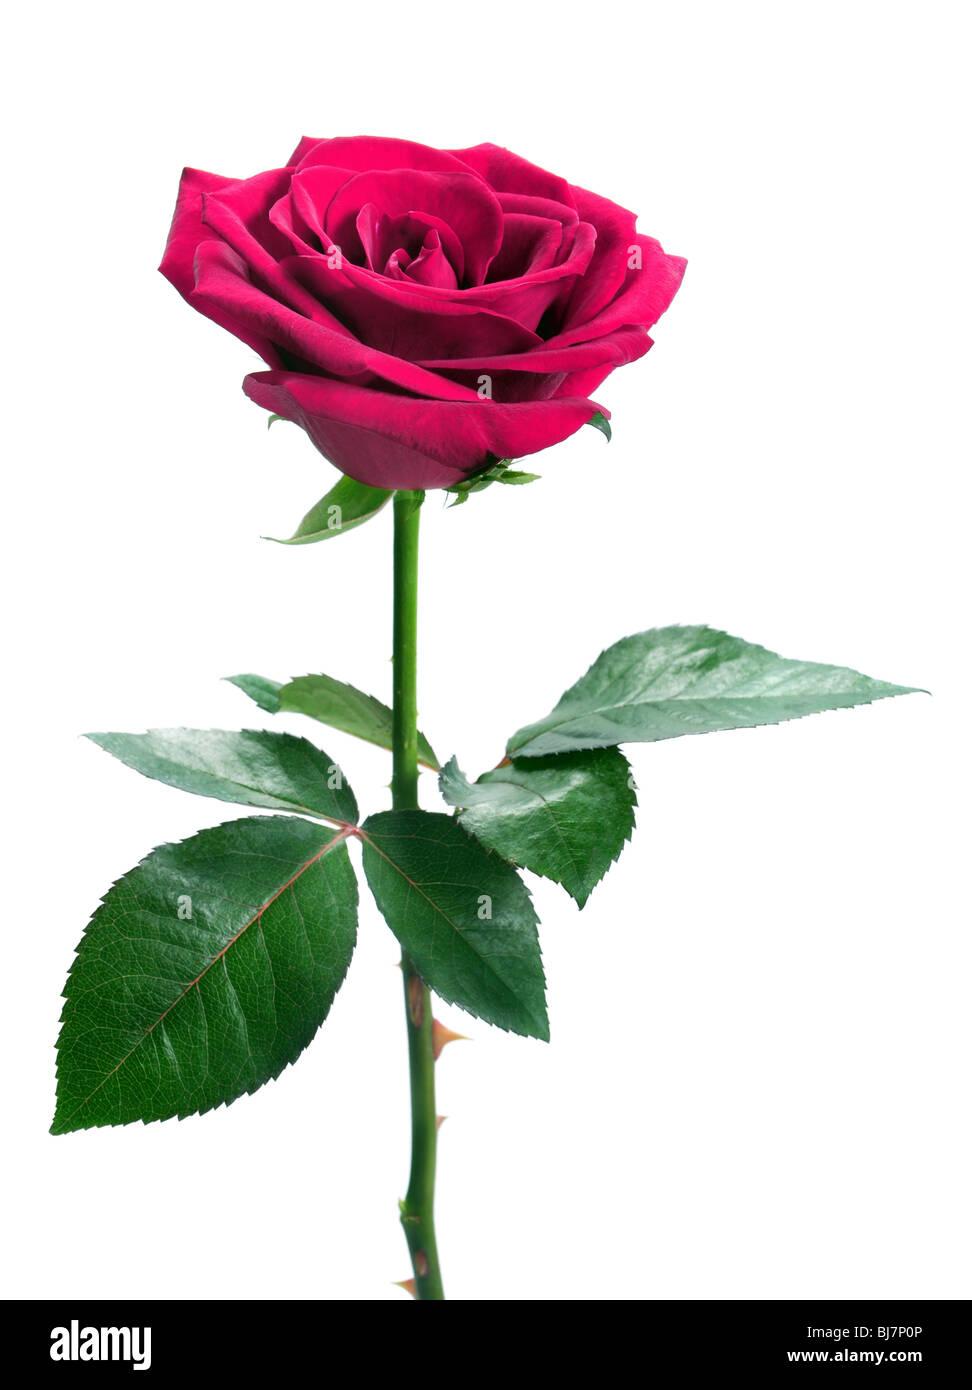 Rosa rosa isolato su sfondo bianco Immagini Stock